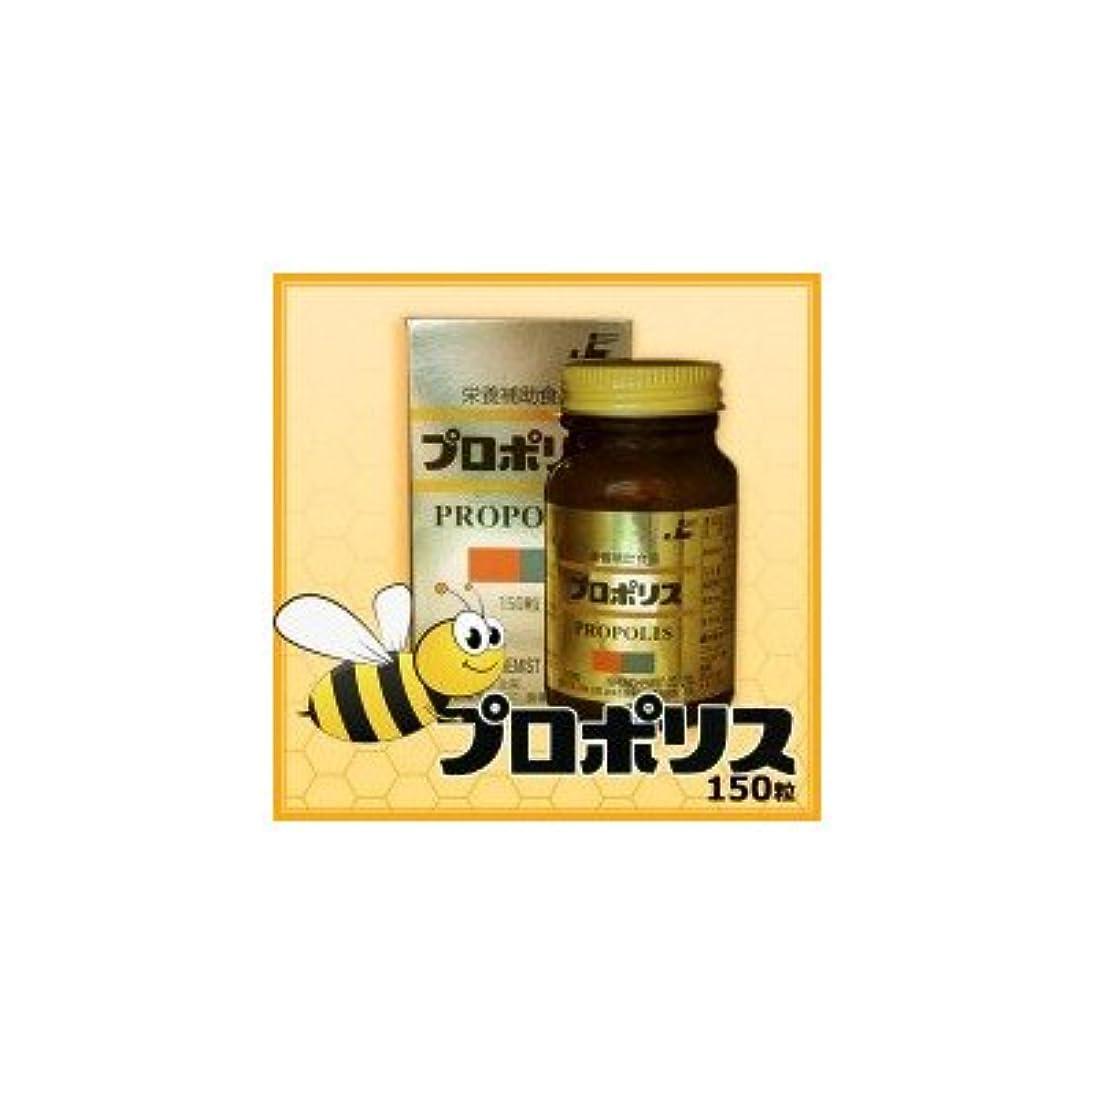 検索エンジンマーケティング激しい謙虚プロポリス 37.5g(250mg×150粒)